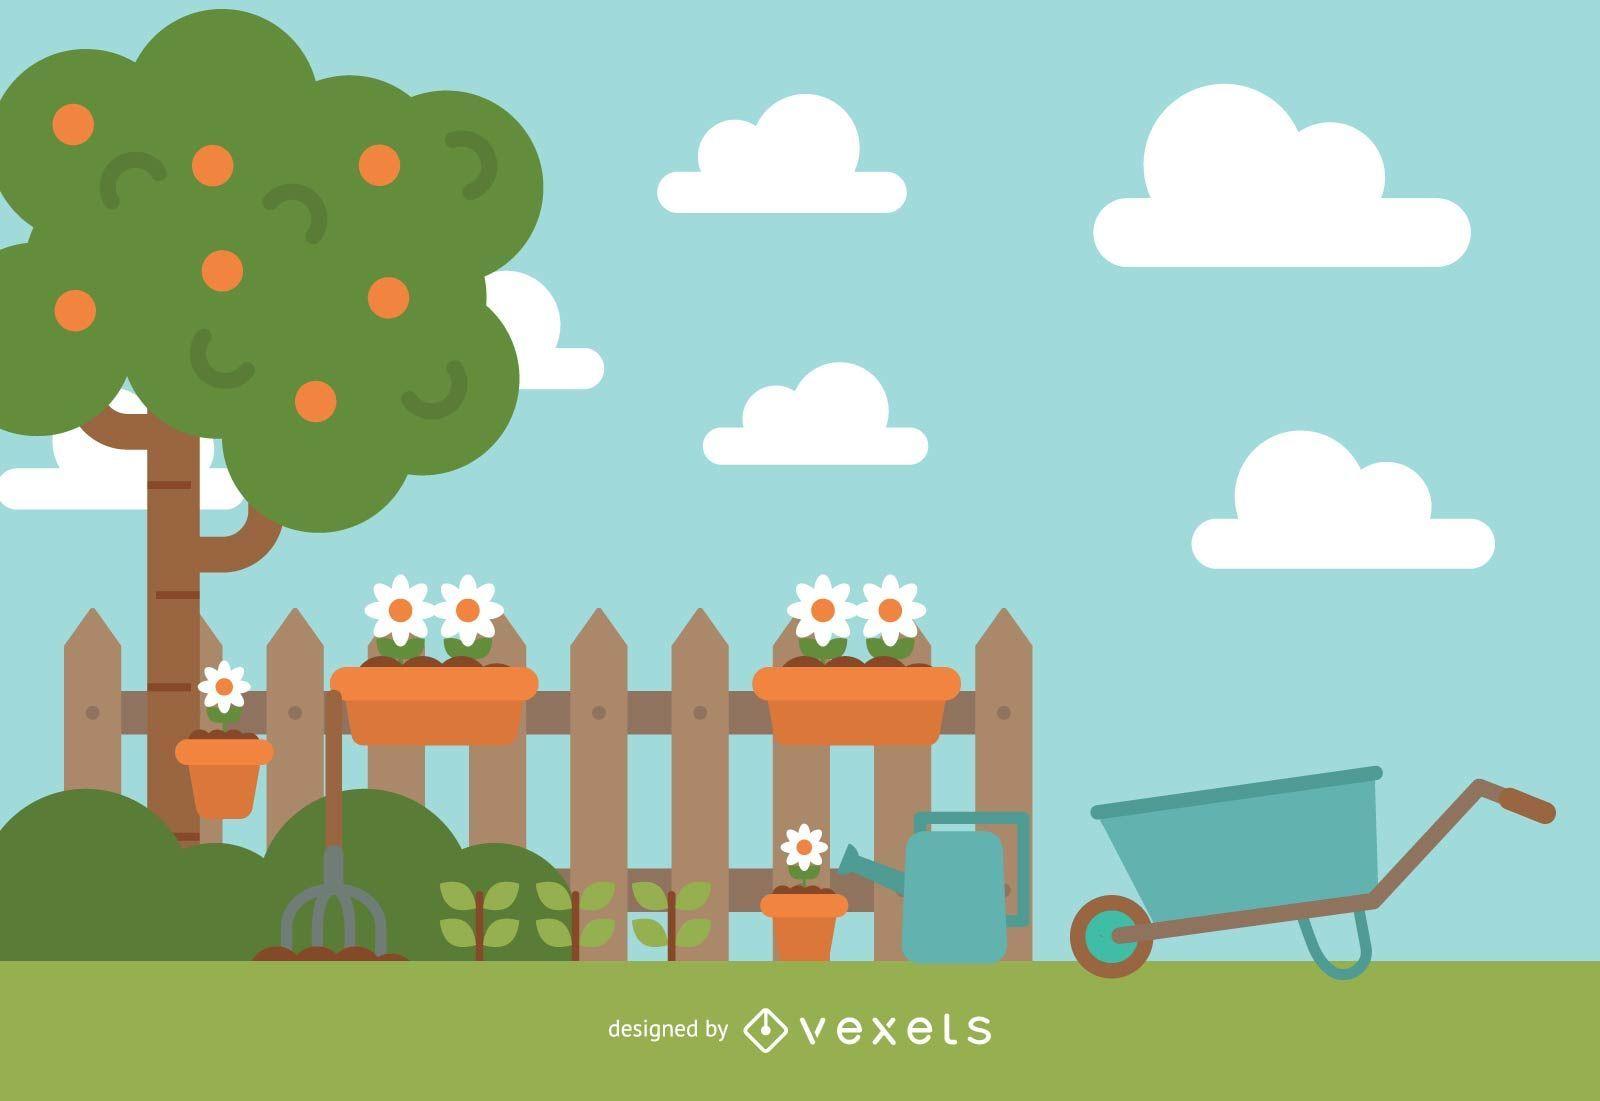 Cute Garden Illustration